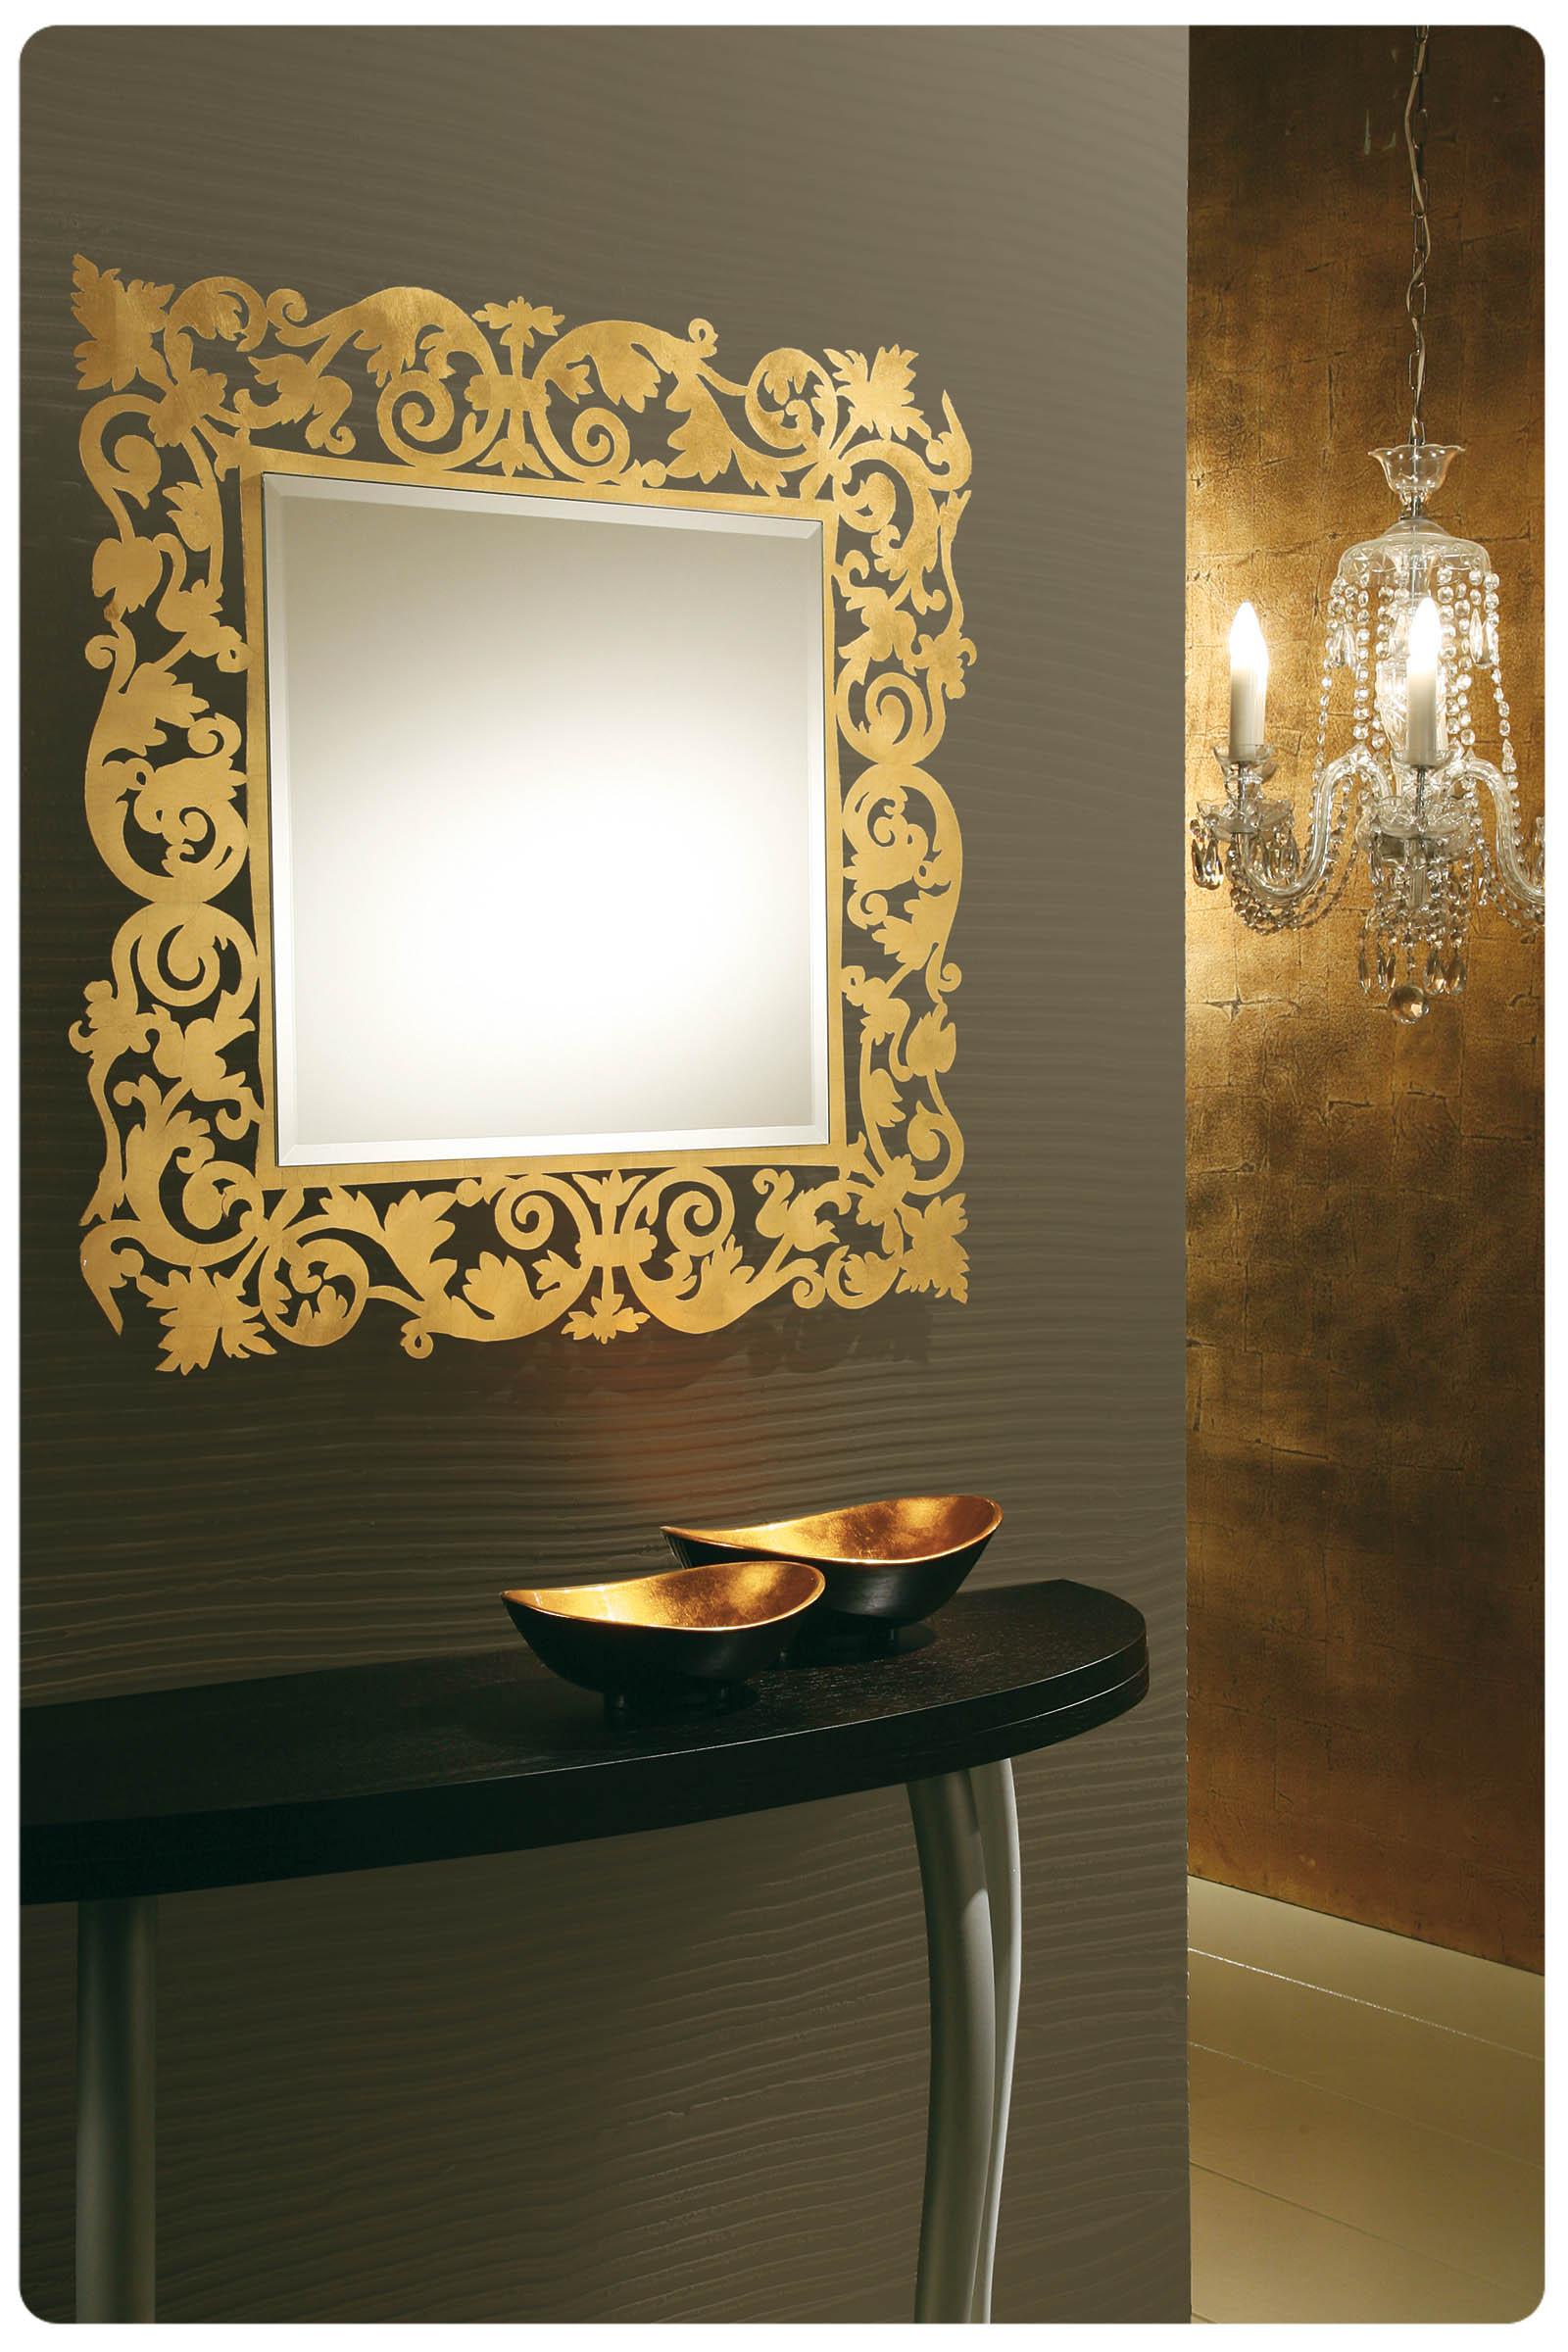 Specchio moderno riflessi romantico acquistabile in - Specchio romantico riflessi prezzo ...